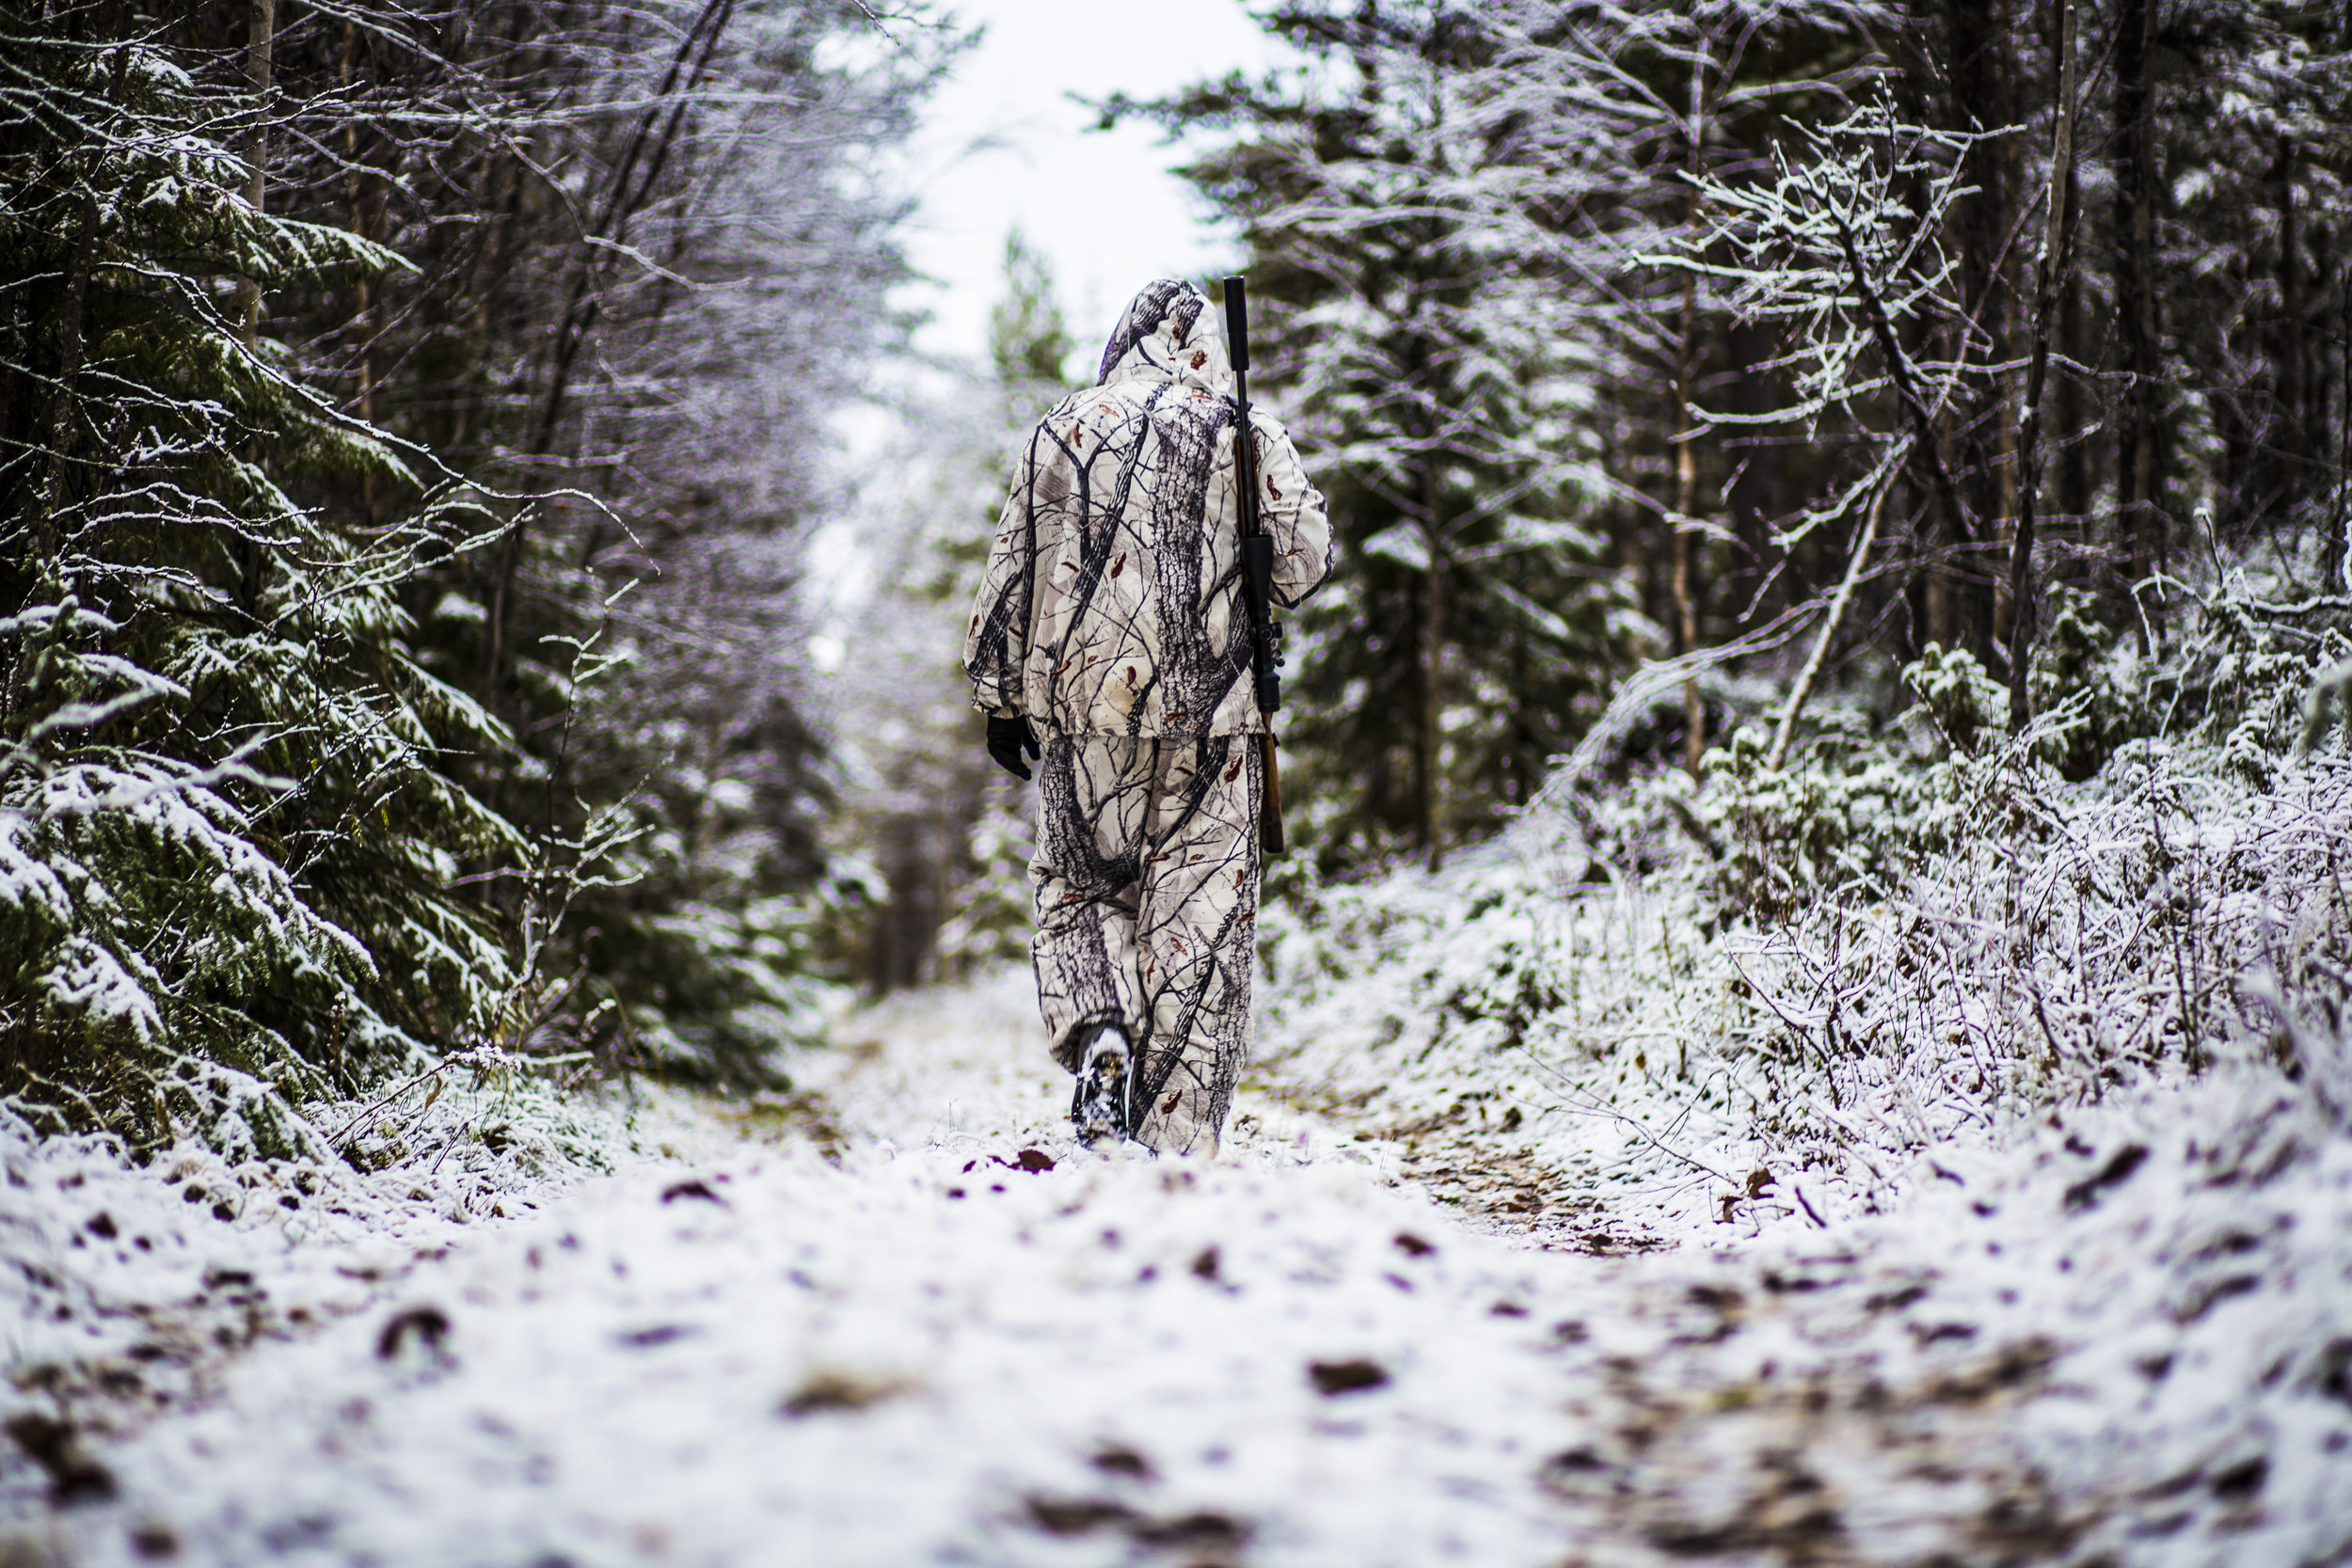 Forest hunting Rantajärvi Vildmark Övertorneå